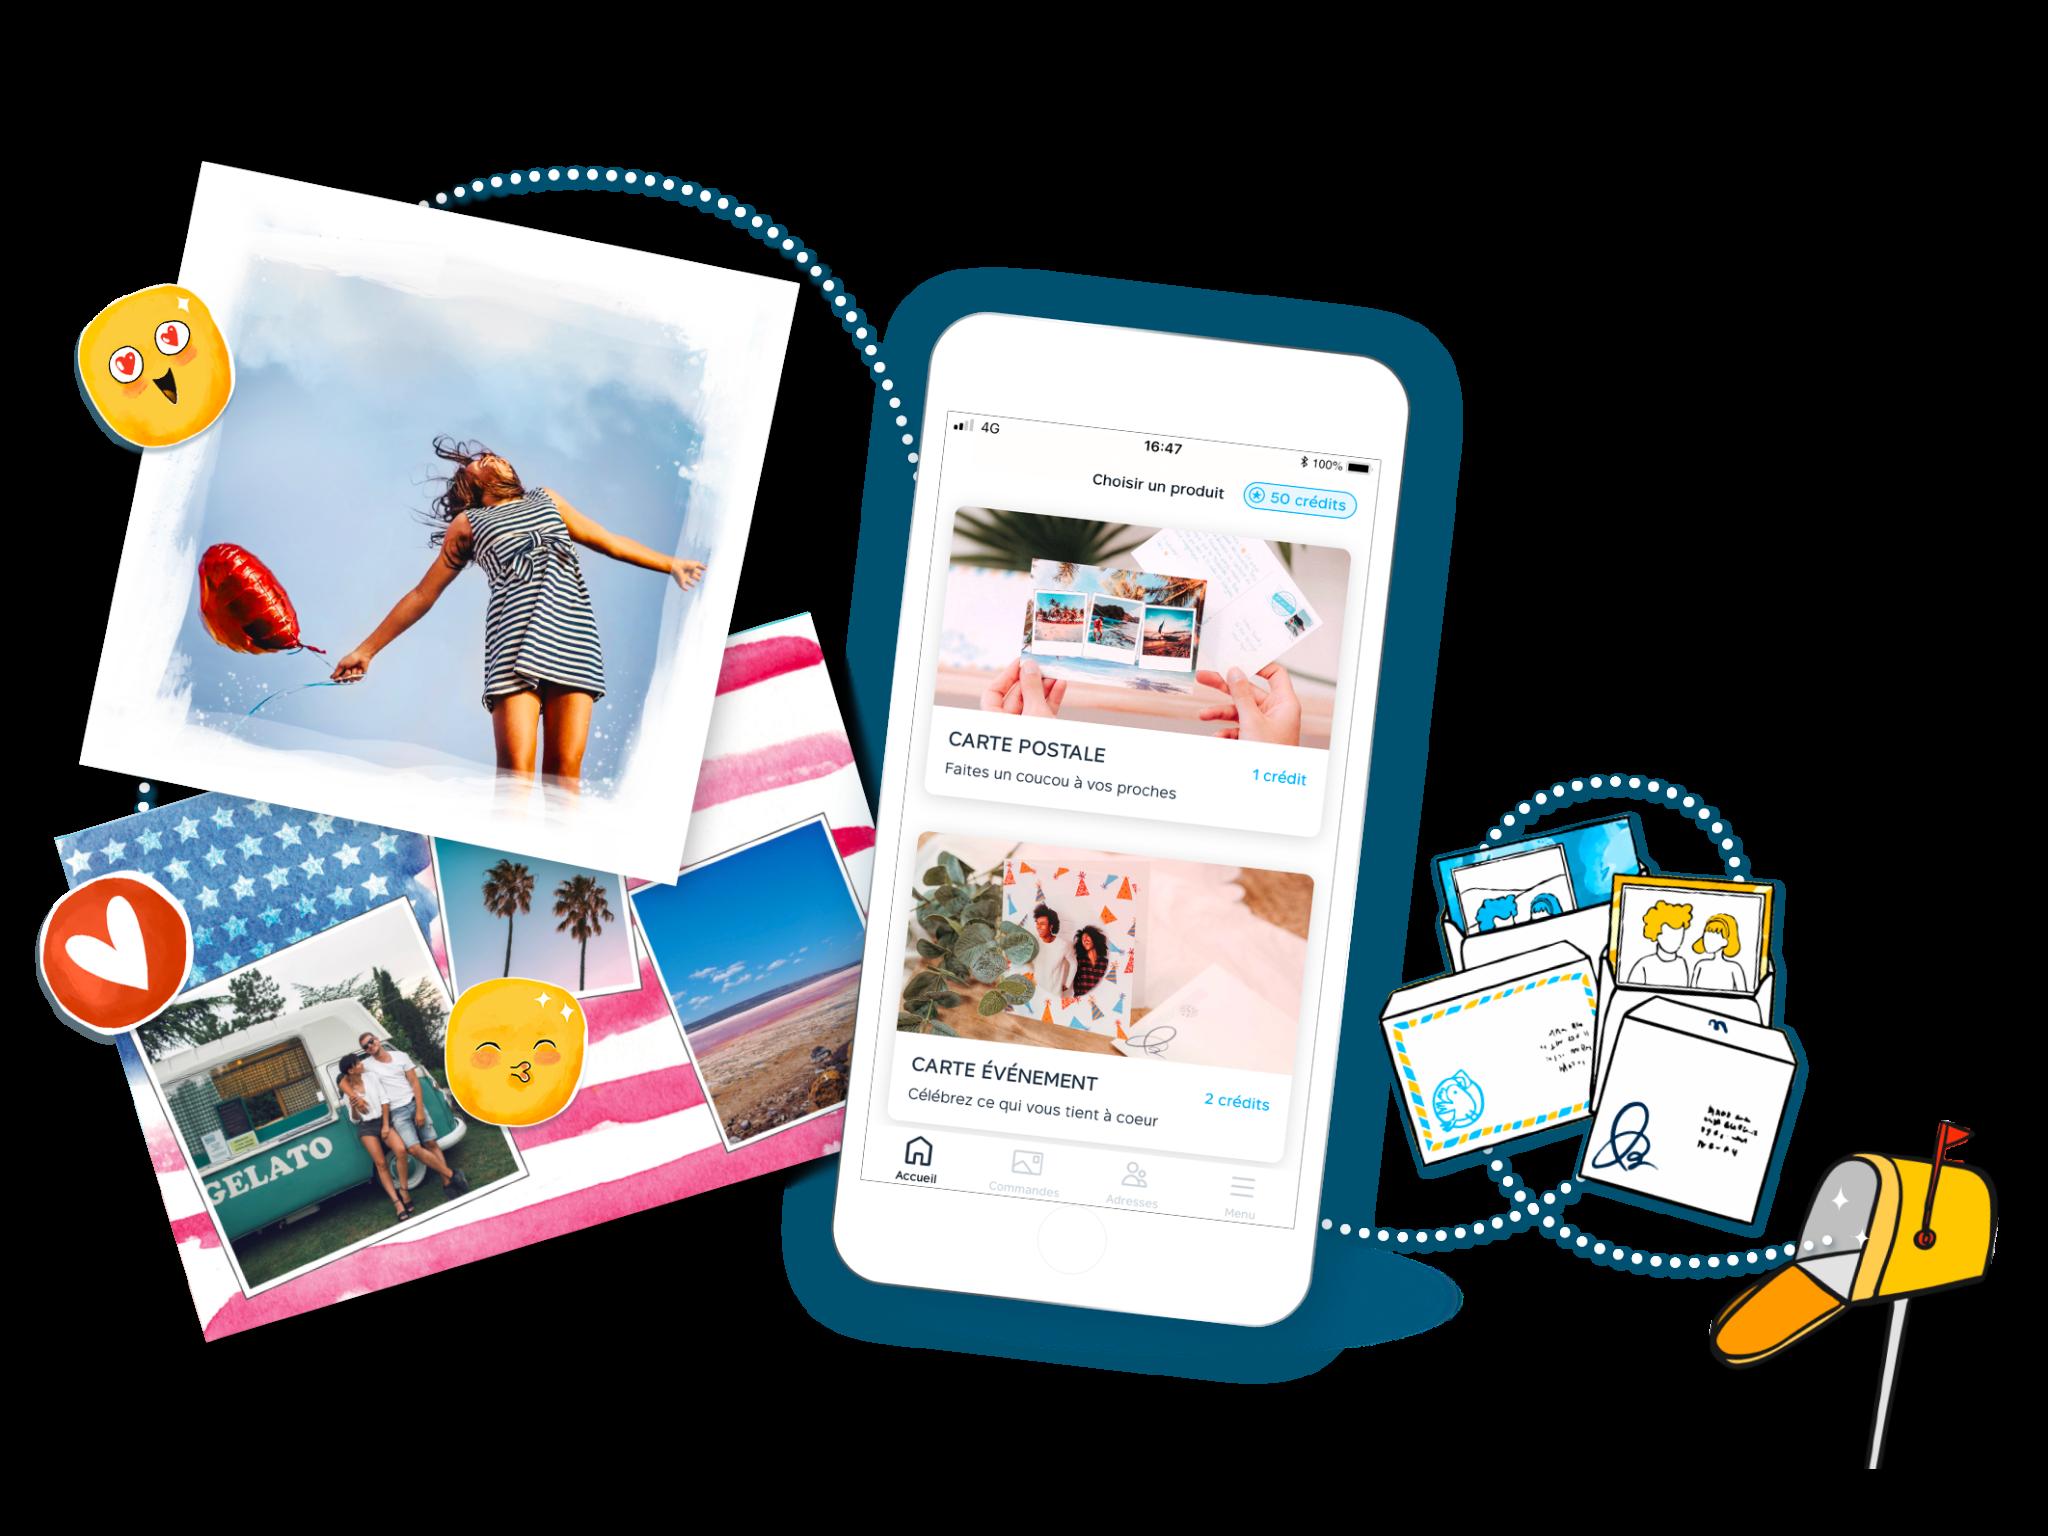 cartes postales et carte evenement Fizzer avec enveloppes